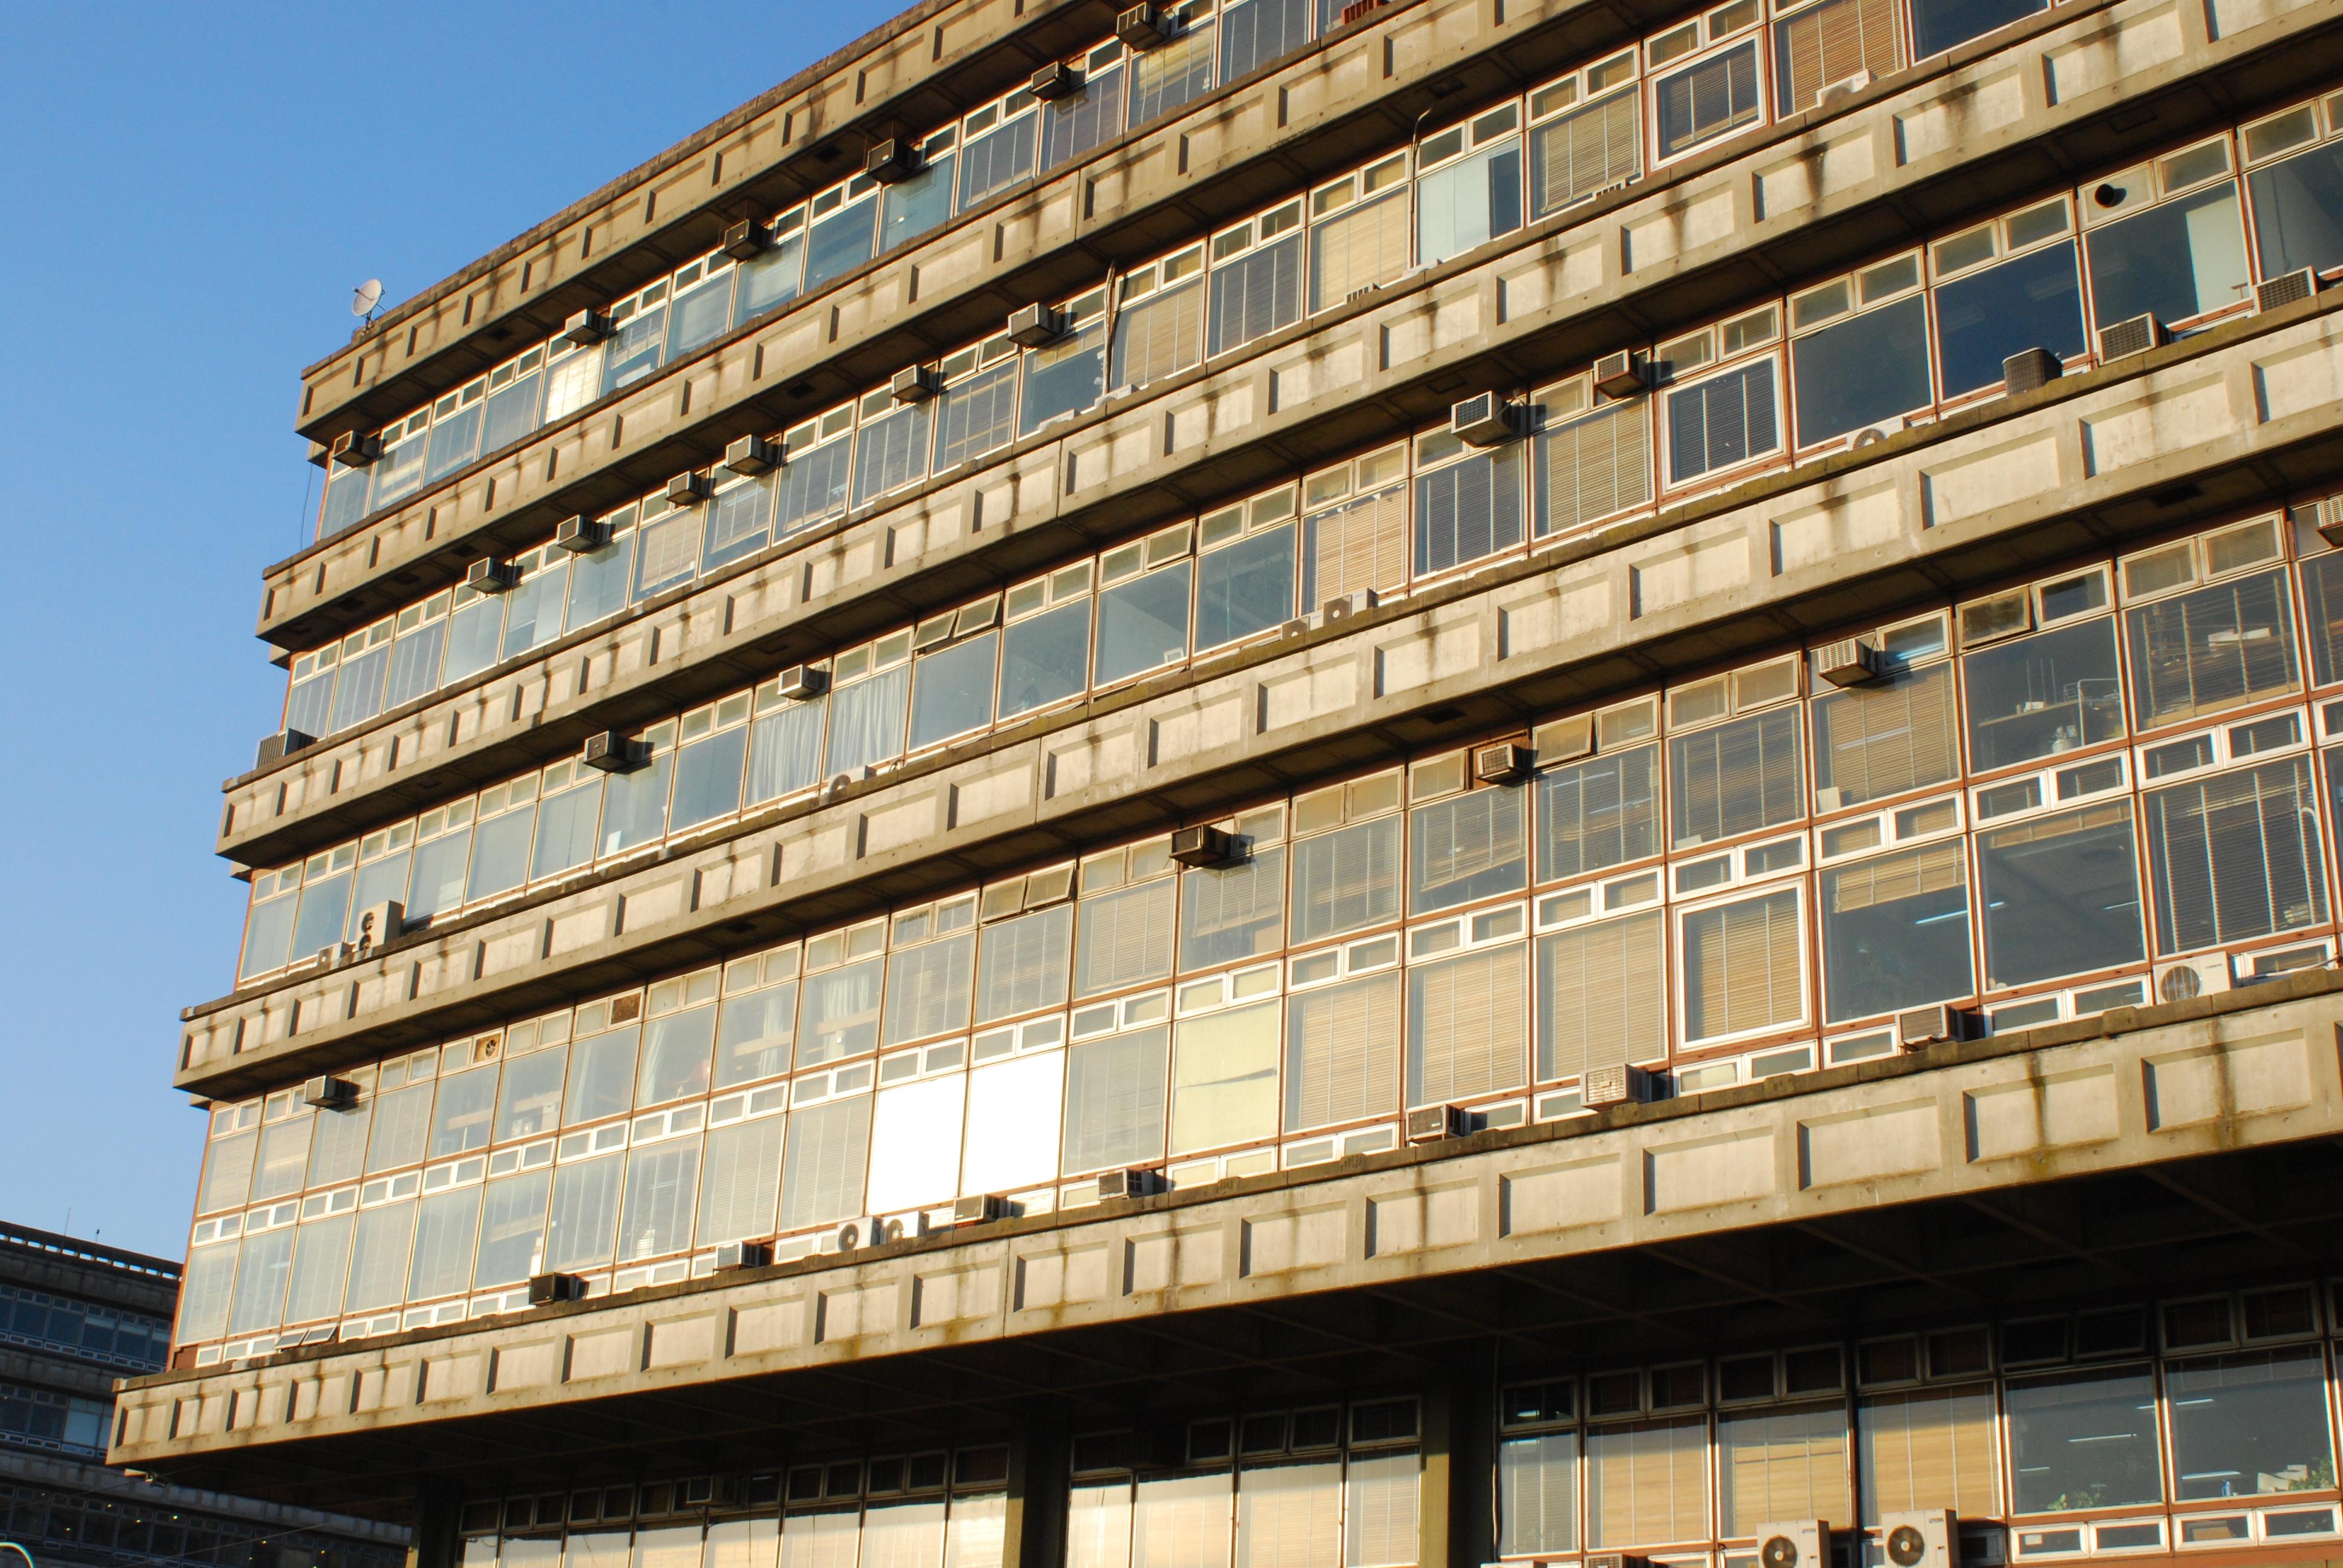 file ciudad universitaria de buenos aires ventanas del